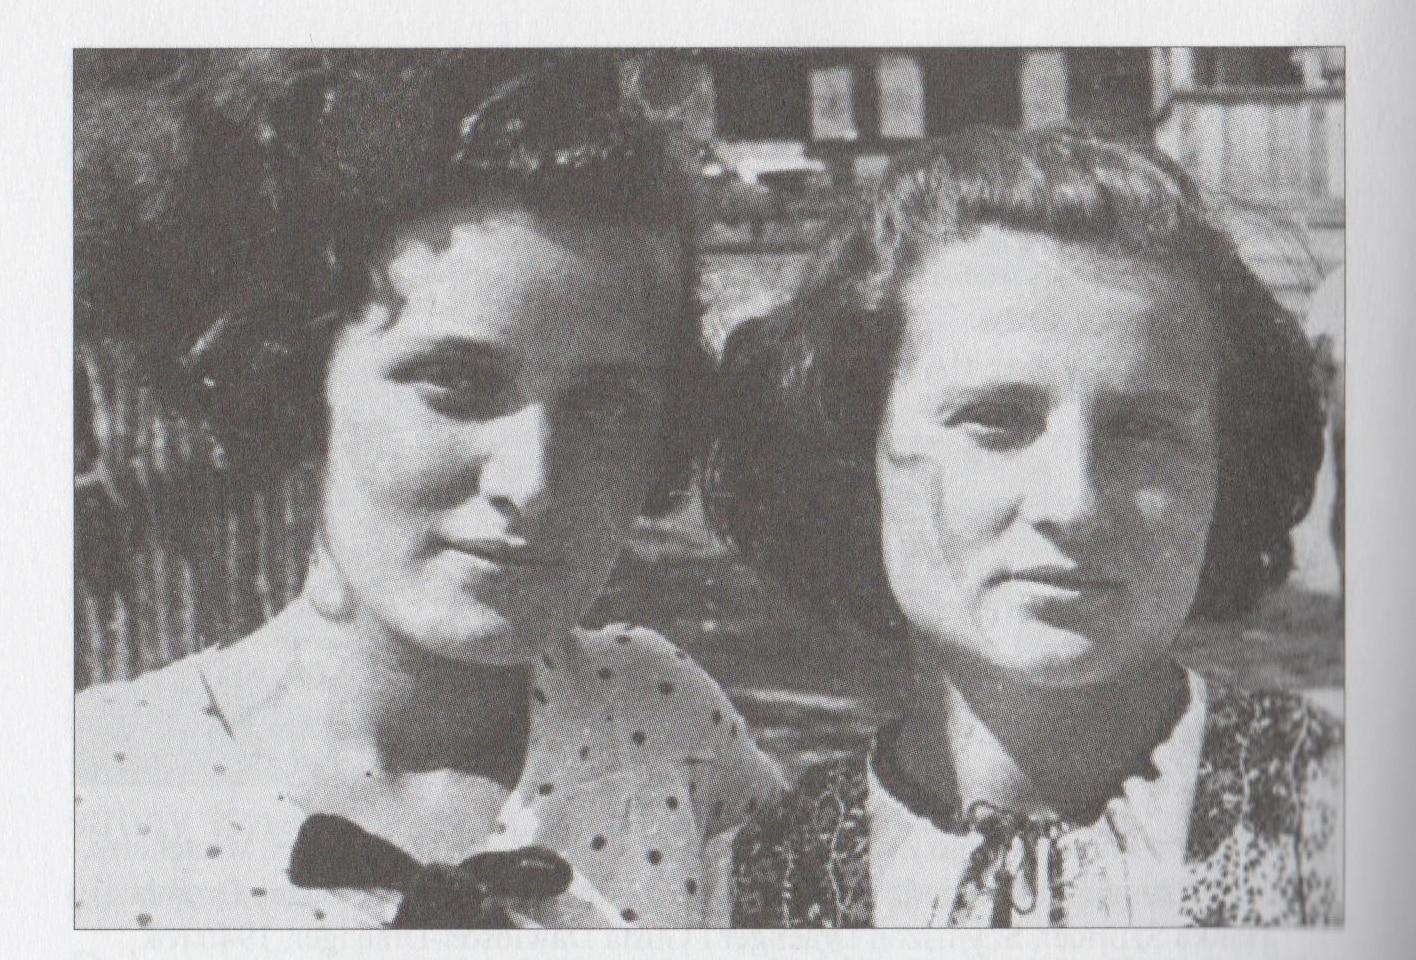 Członkinie krakowskiego ŻOB-u, Gusta Dawidson-Draenger i Minka Liebeskind, ok. 1938 roku.   / Żydowska Organizacja Bojowa.